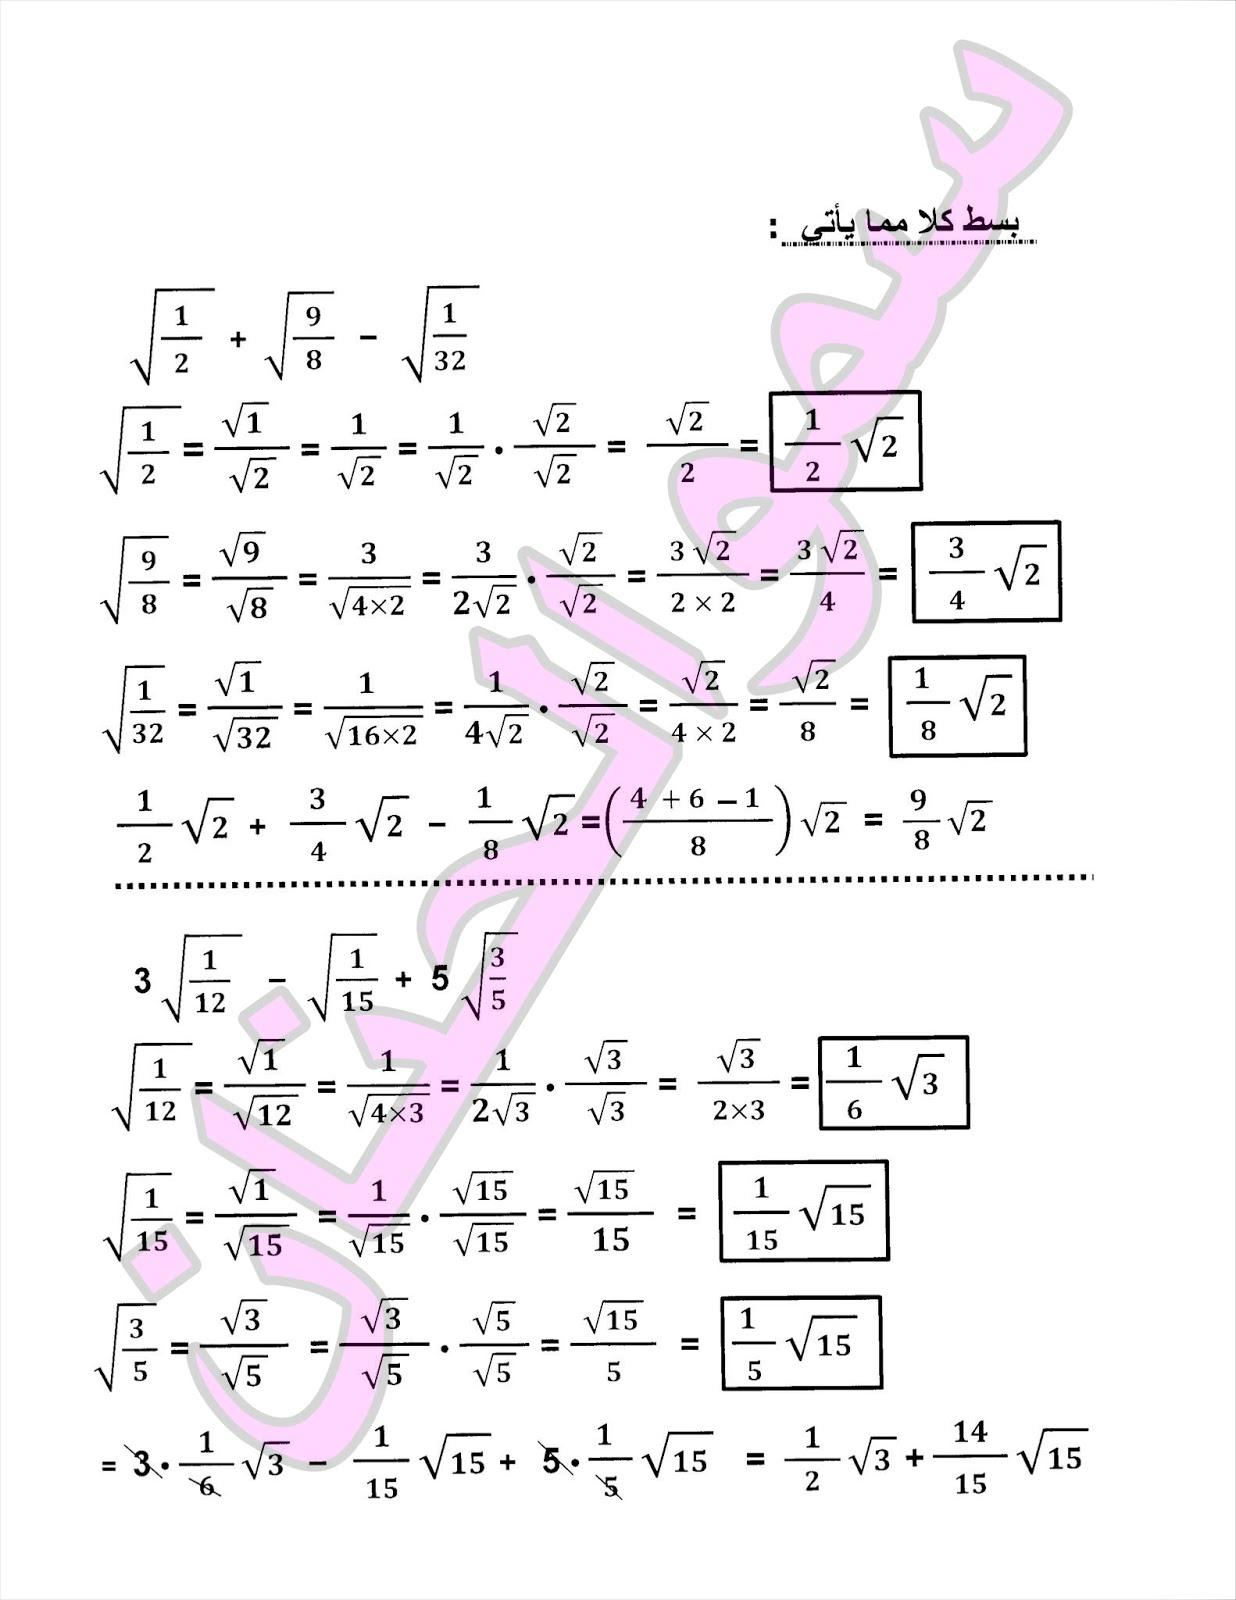 المراجعة المركزة وملخص لمادة الرياضيات للصف الثالث المتوسط 2017   الجزء 1 6610